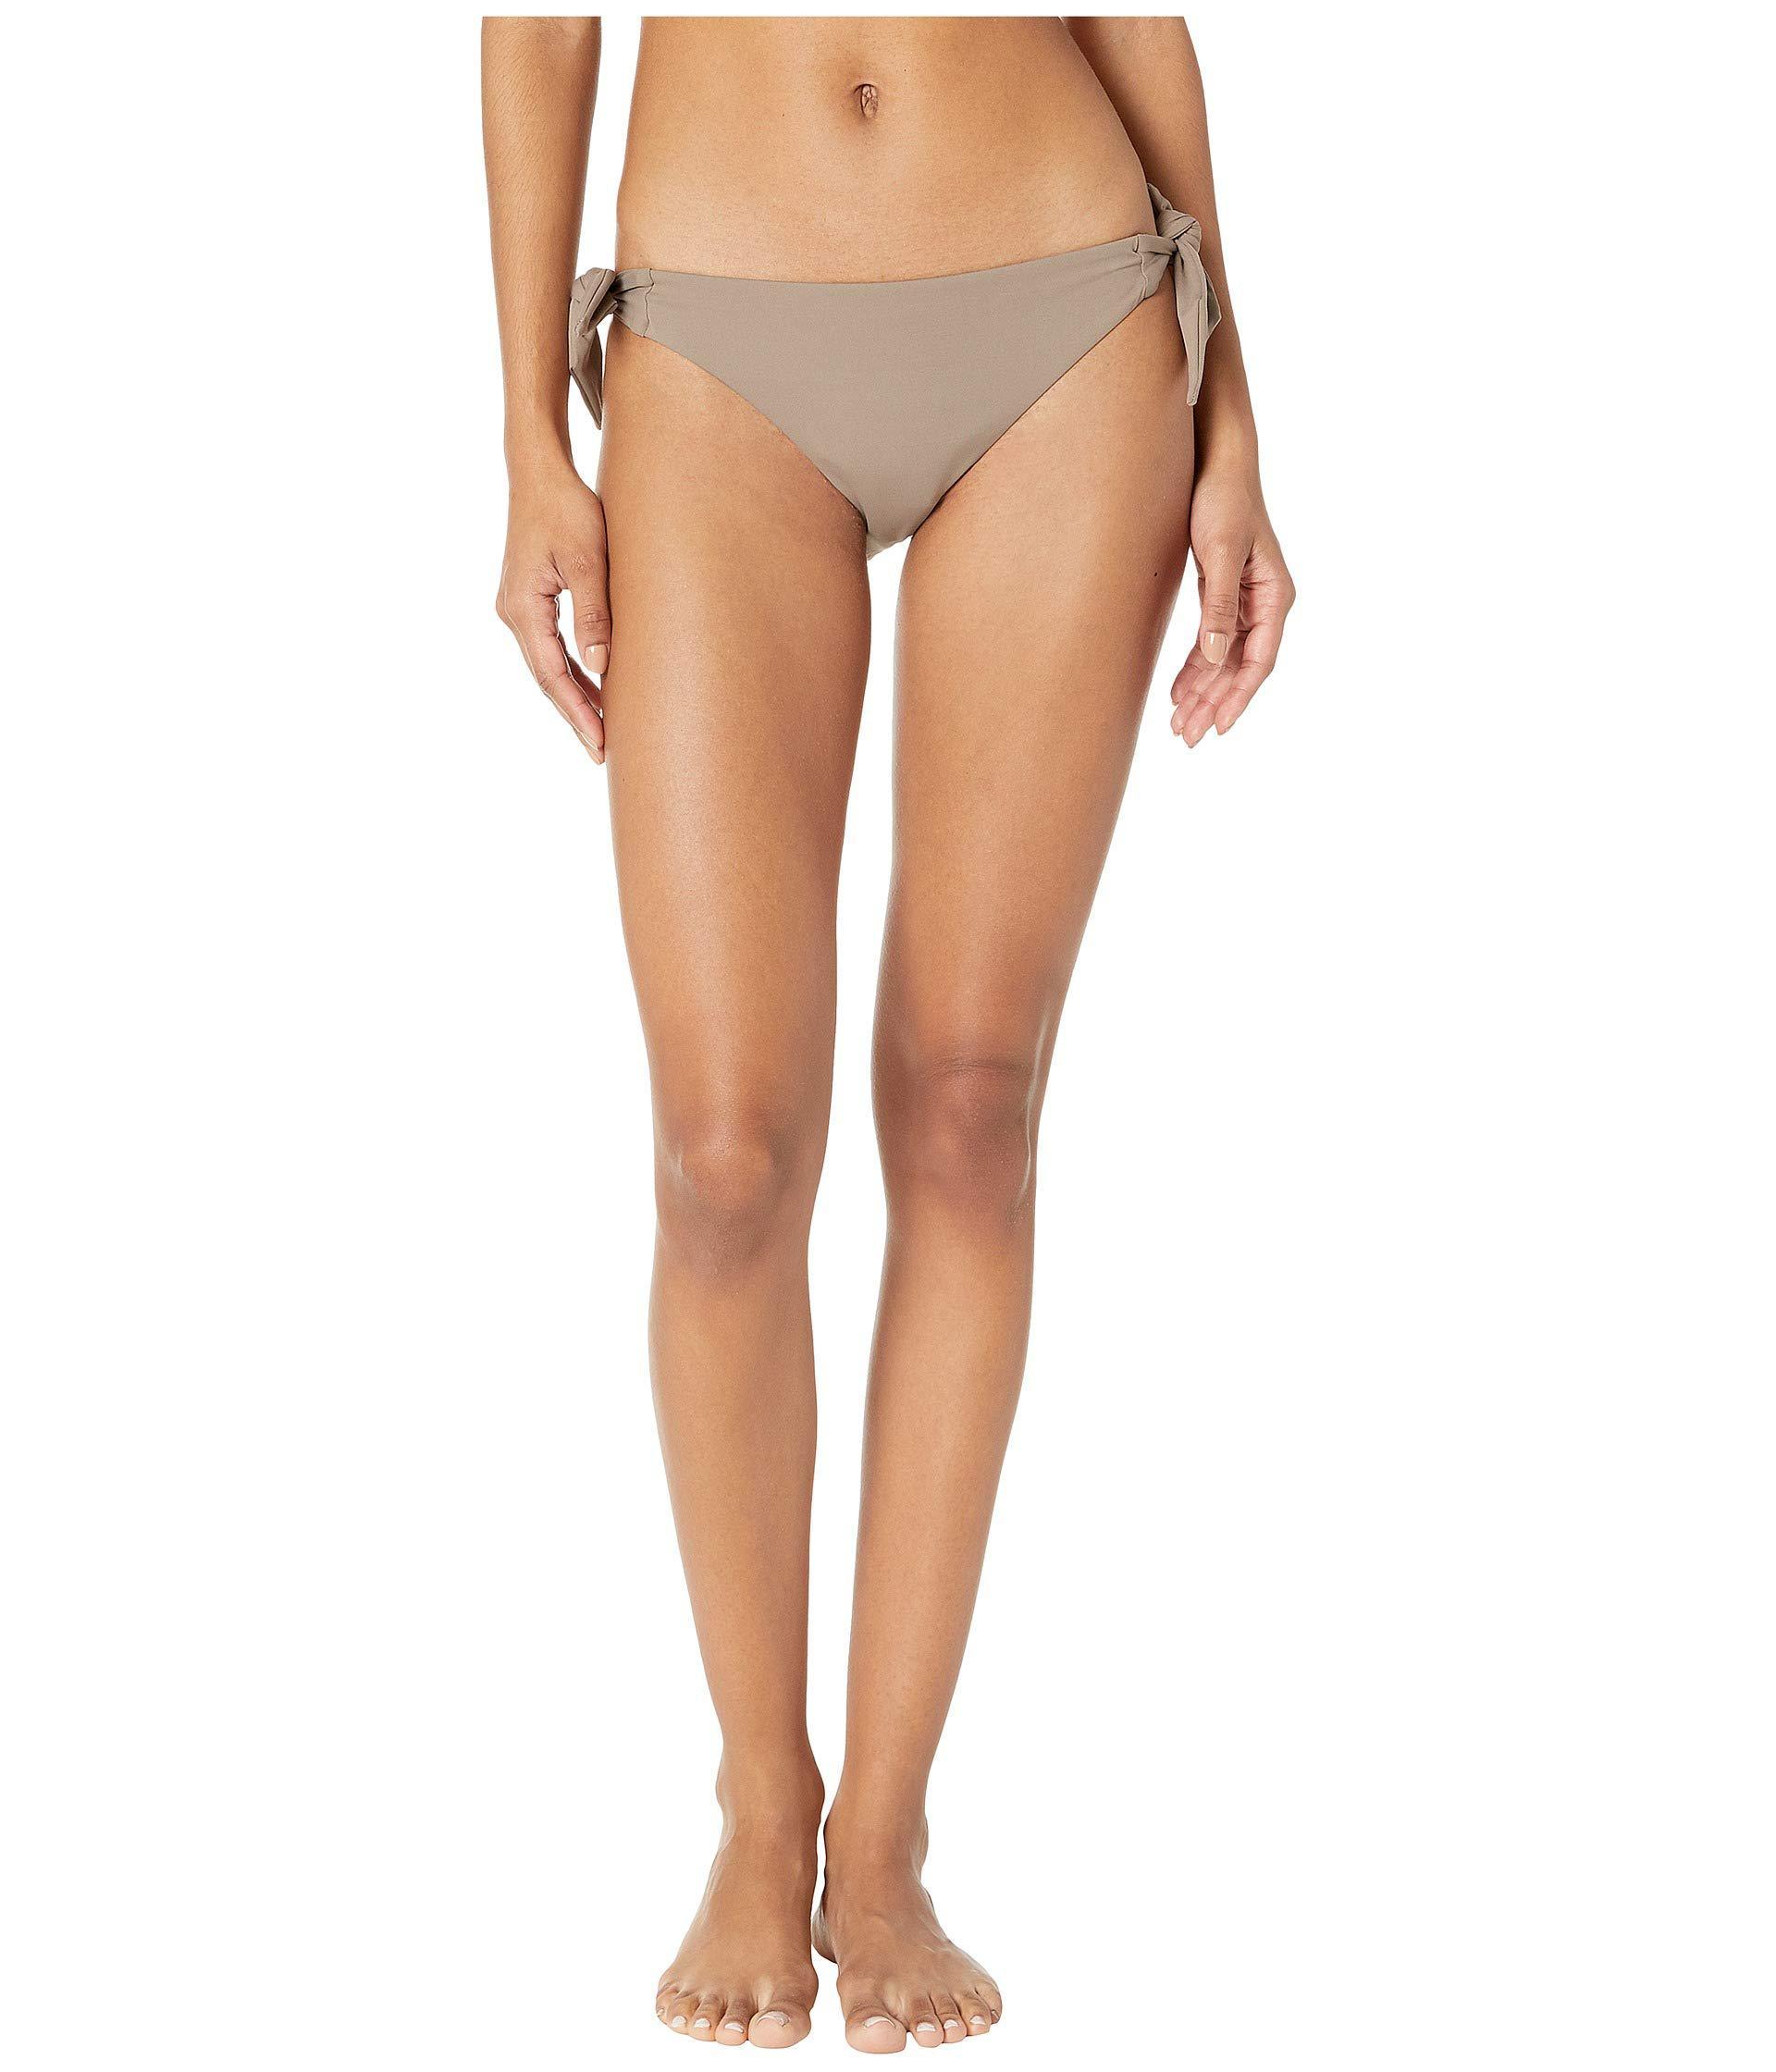 f5511d44e7 Lyst - Skin The Rosie Bikini Briefs in Brown - Save 30%